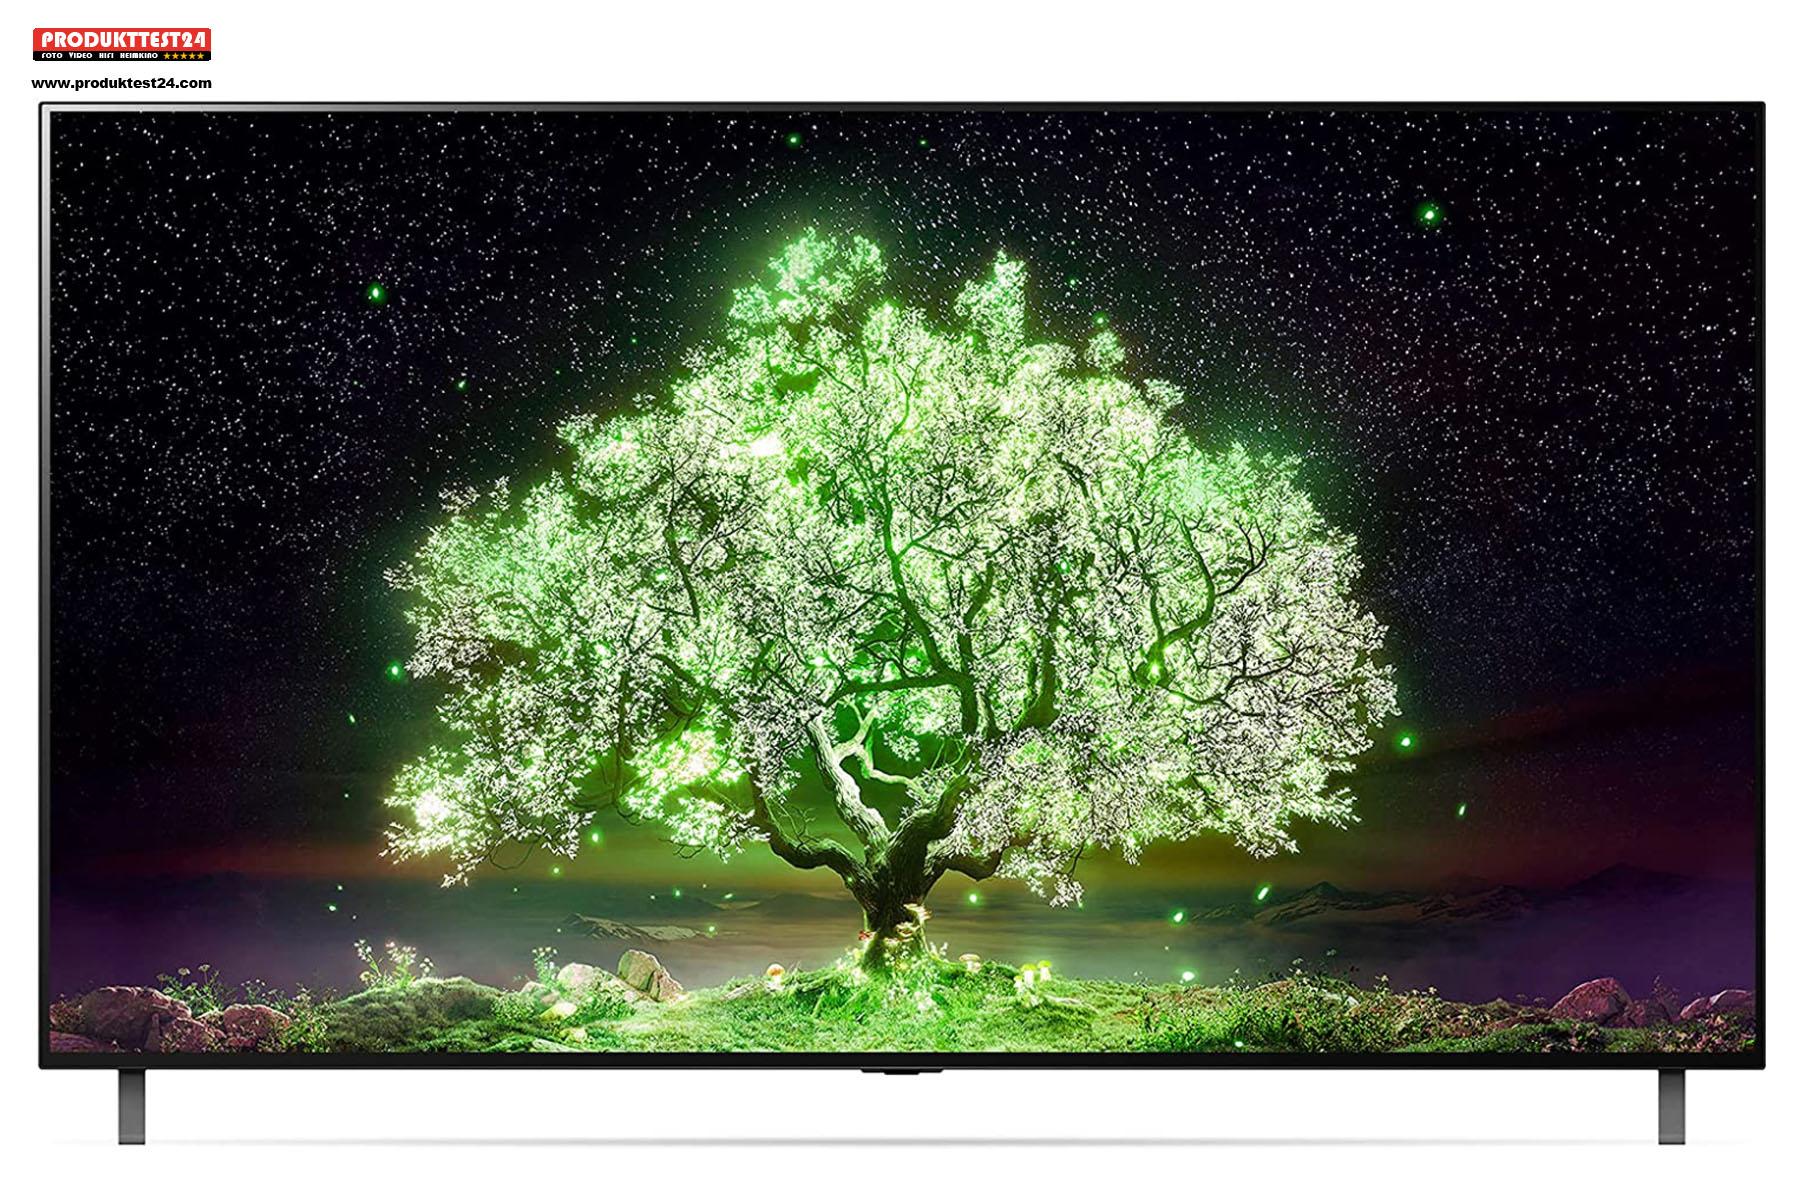 Ein 55 Zoll OLED Fernseher zum Schnäppchenpreis.